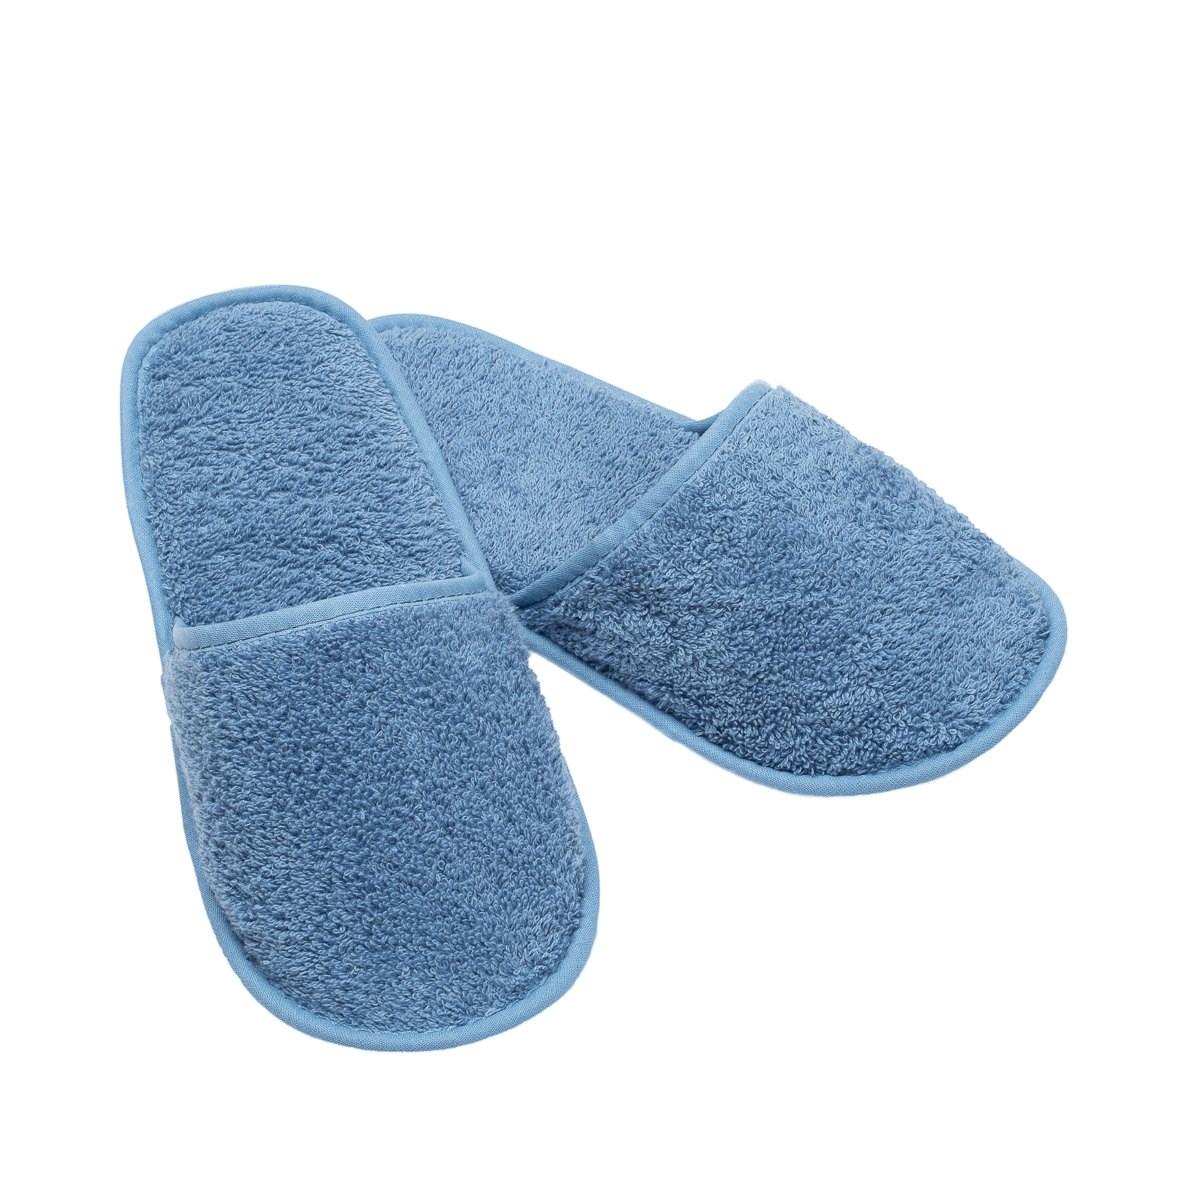 Chausson de bain en eponge bleu ciel taille 41 (photo)